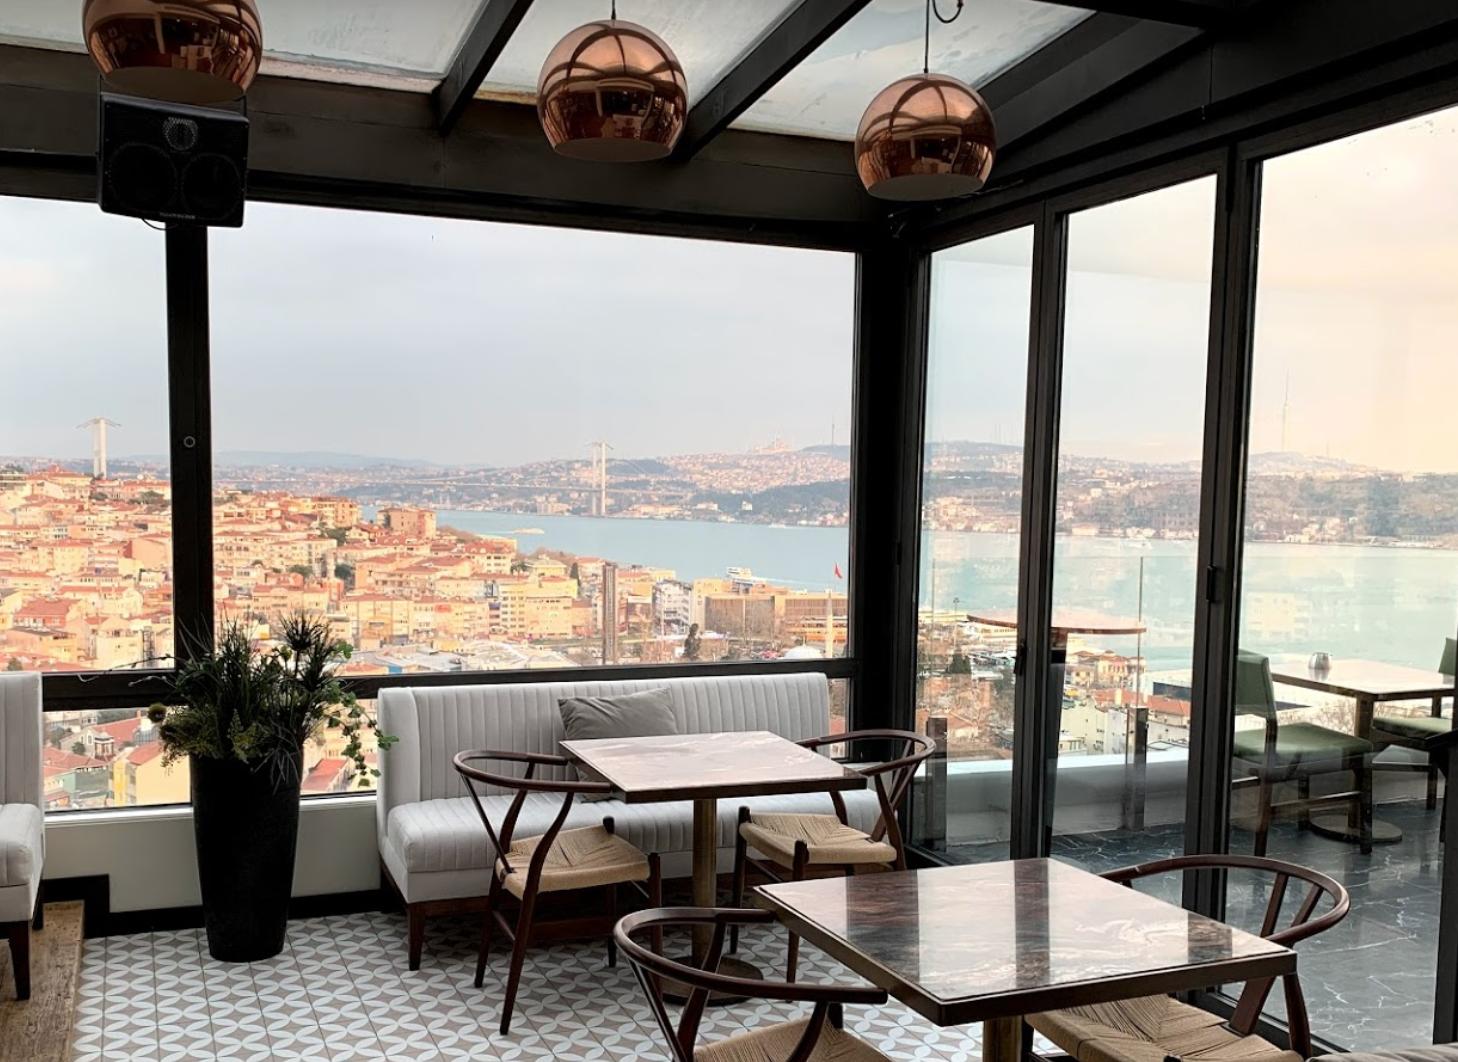 Ресторан Vogue в Стамбуле